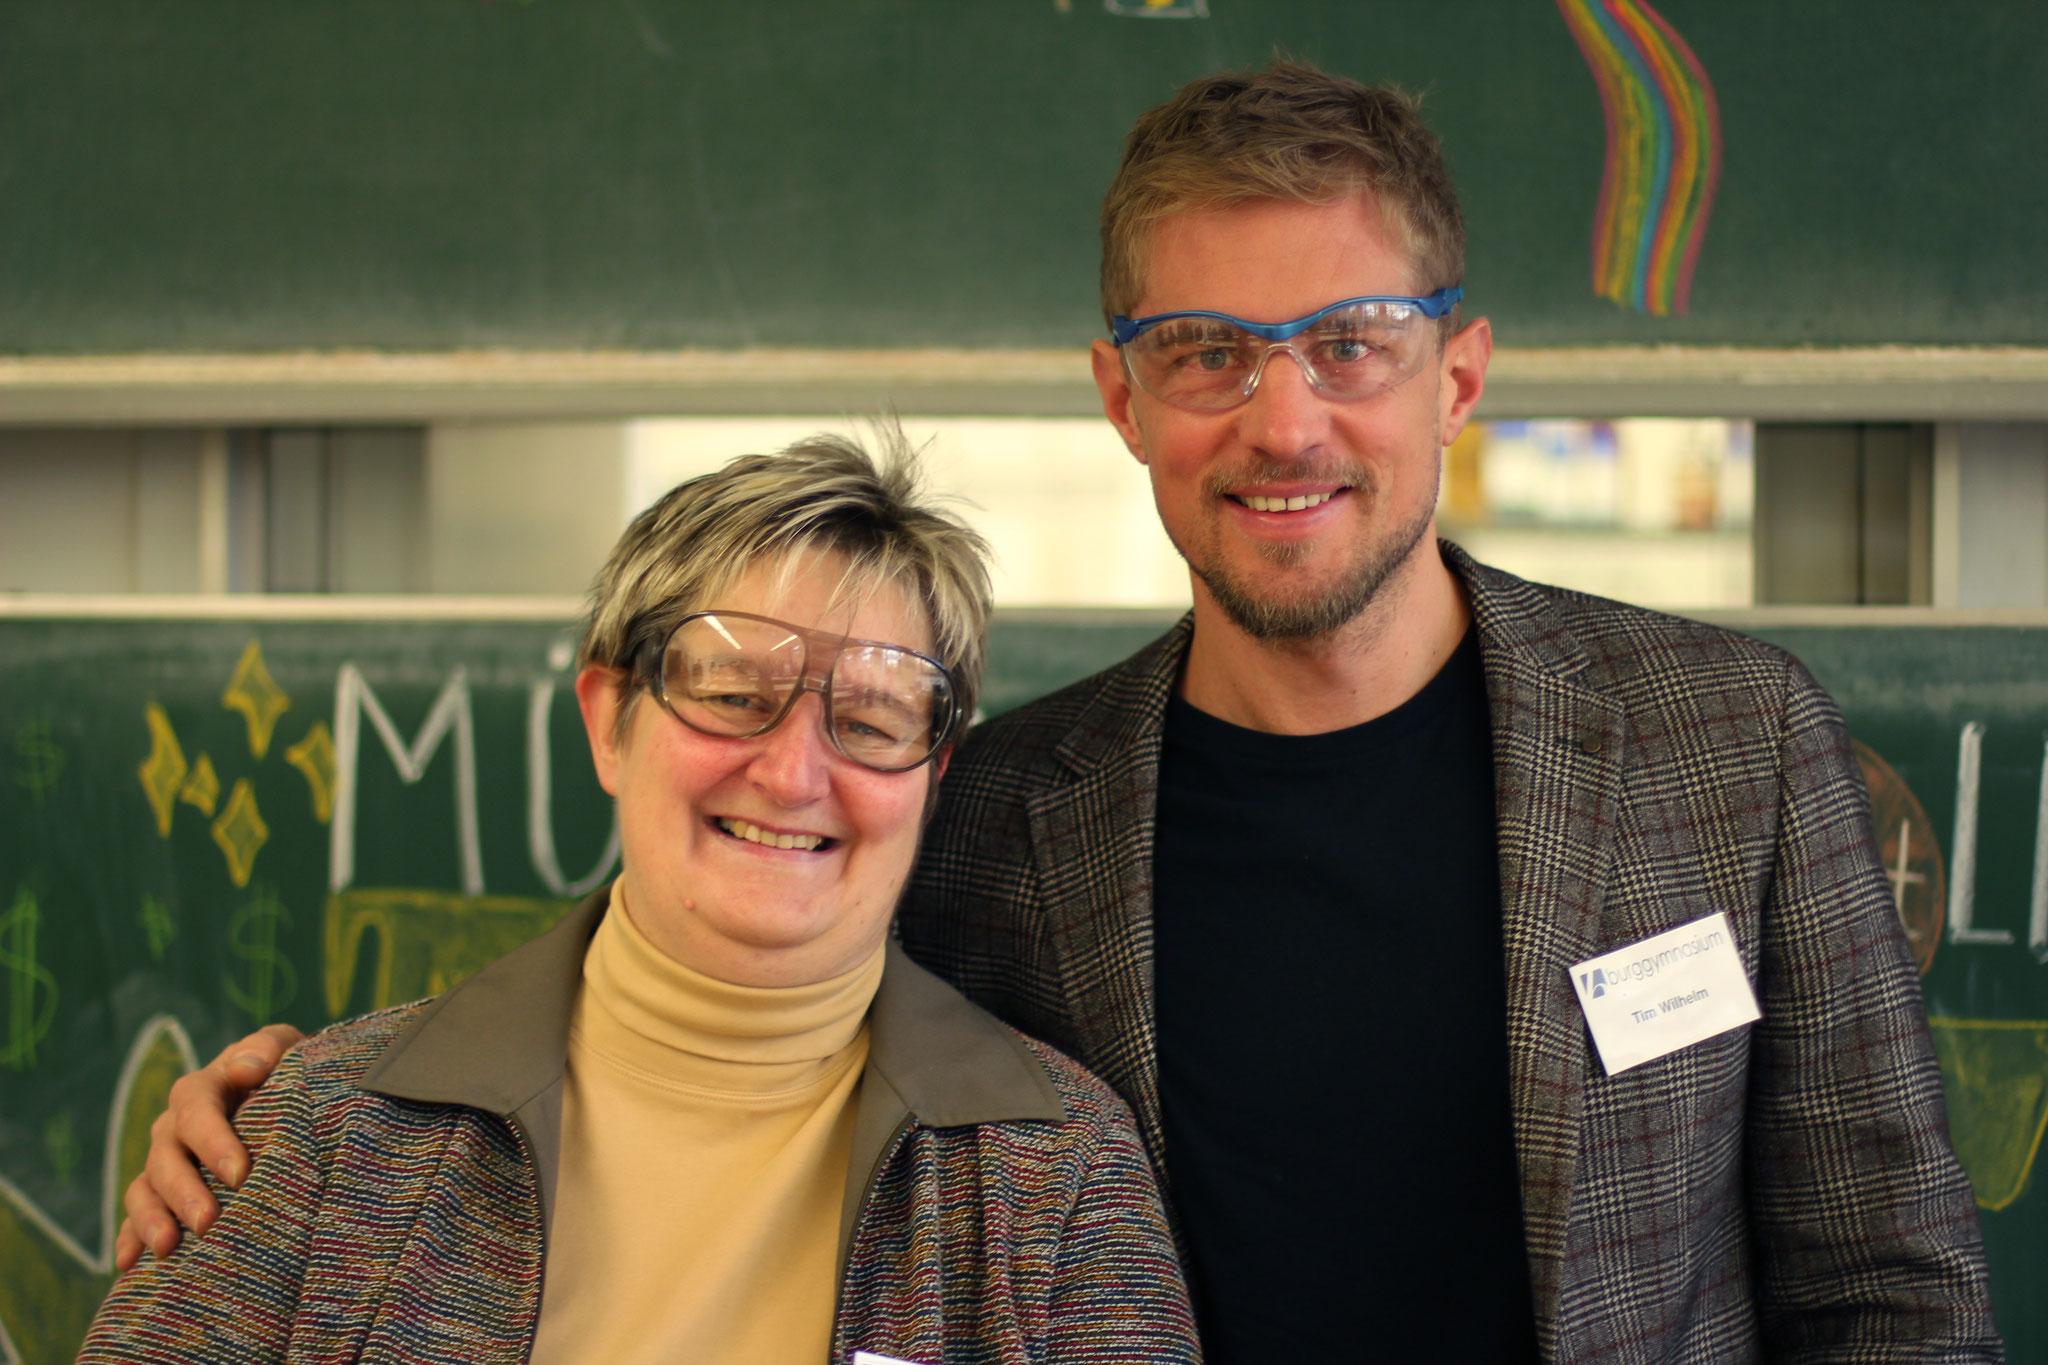 Die Fachschaft Chemie: Sabine Becker und Tim Wilhelm